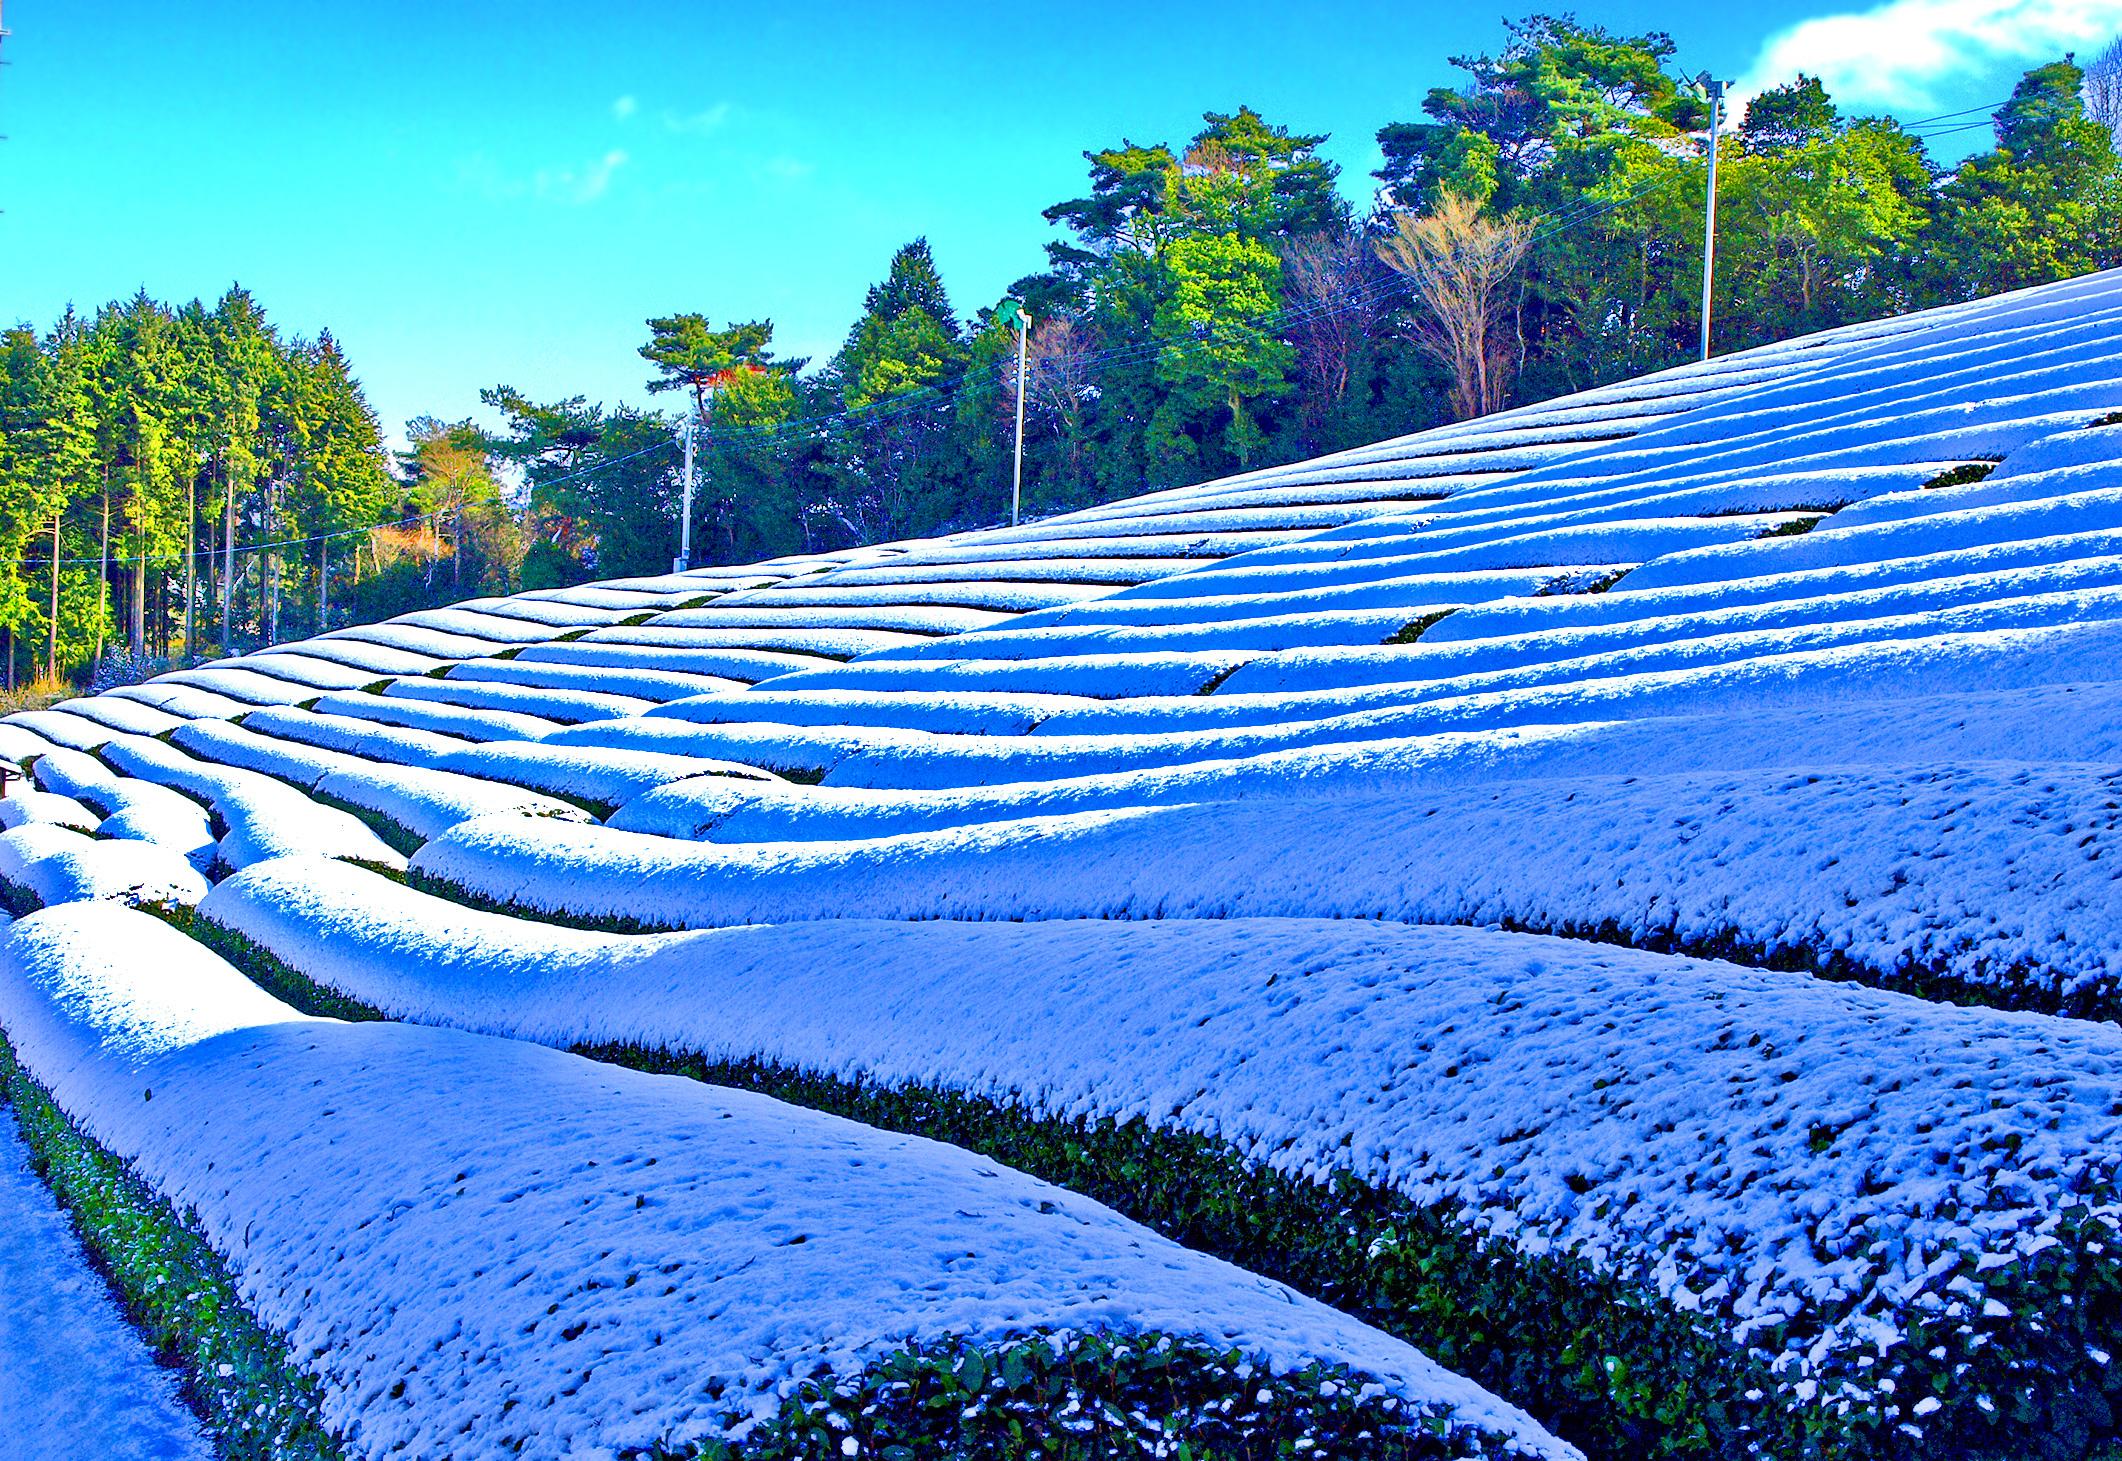 【茶畑写真集】冬の茶畑